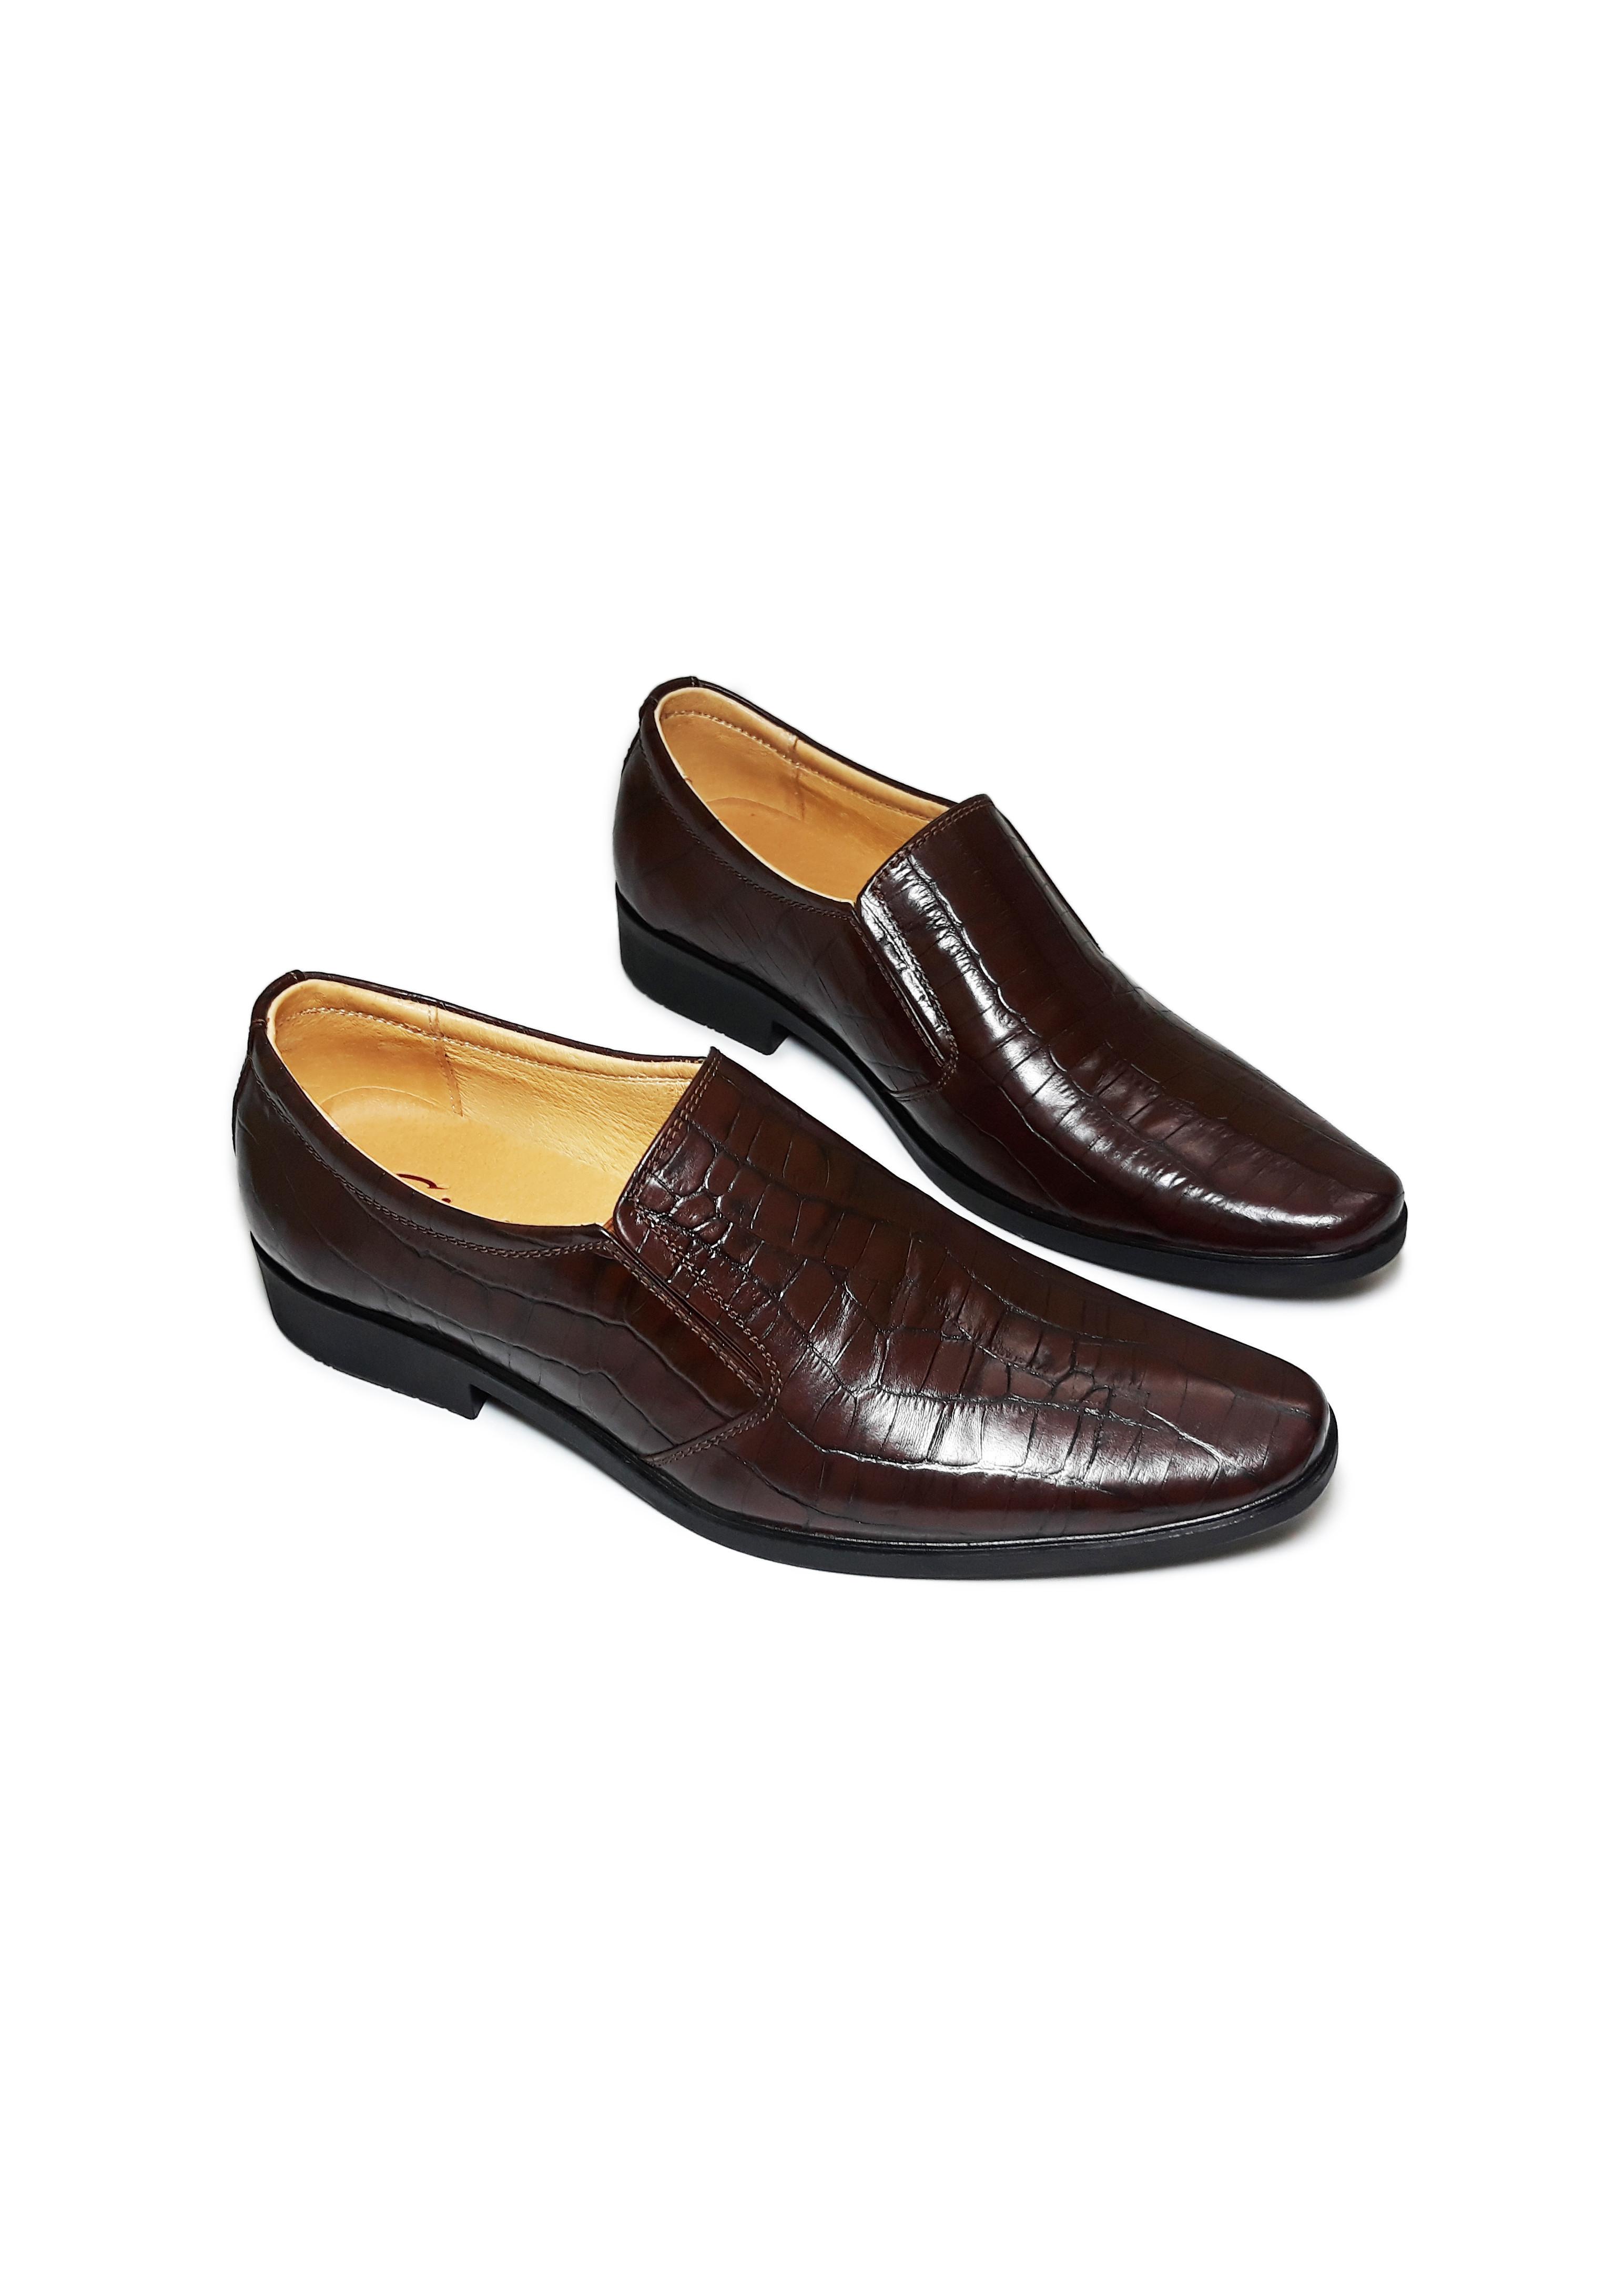 Giày Da Nam Cao Cấp Phong Cách Trẻ Trung Năng Động Lịch lãm, Giày Tây Nam HS22